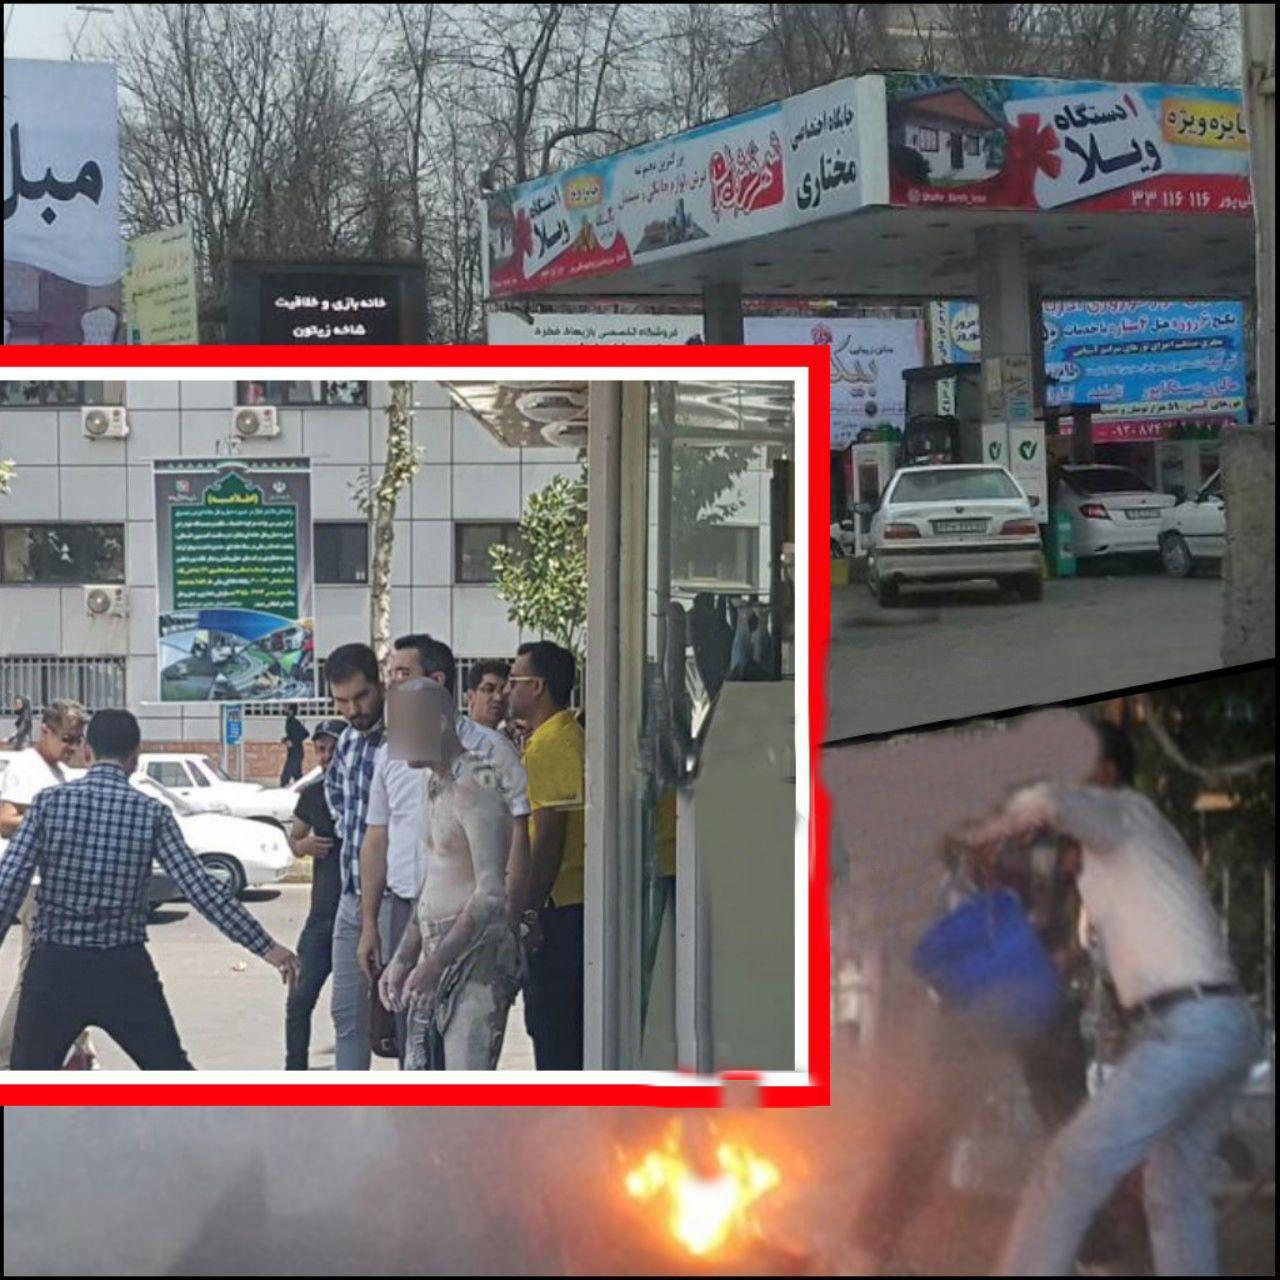 فوری / خودسوزی مشکوک در پمپ بنزین گلسار رشت!!!